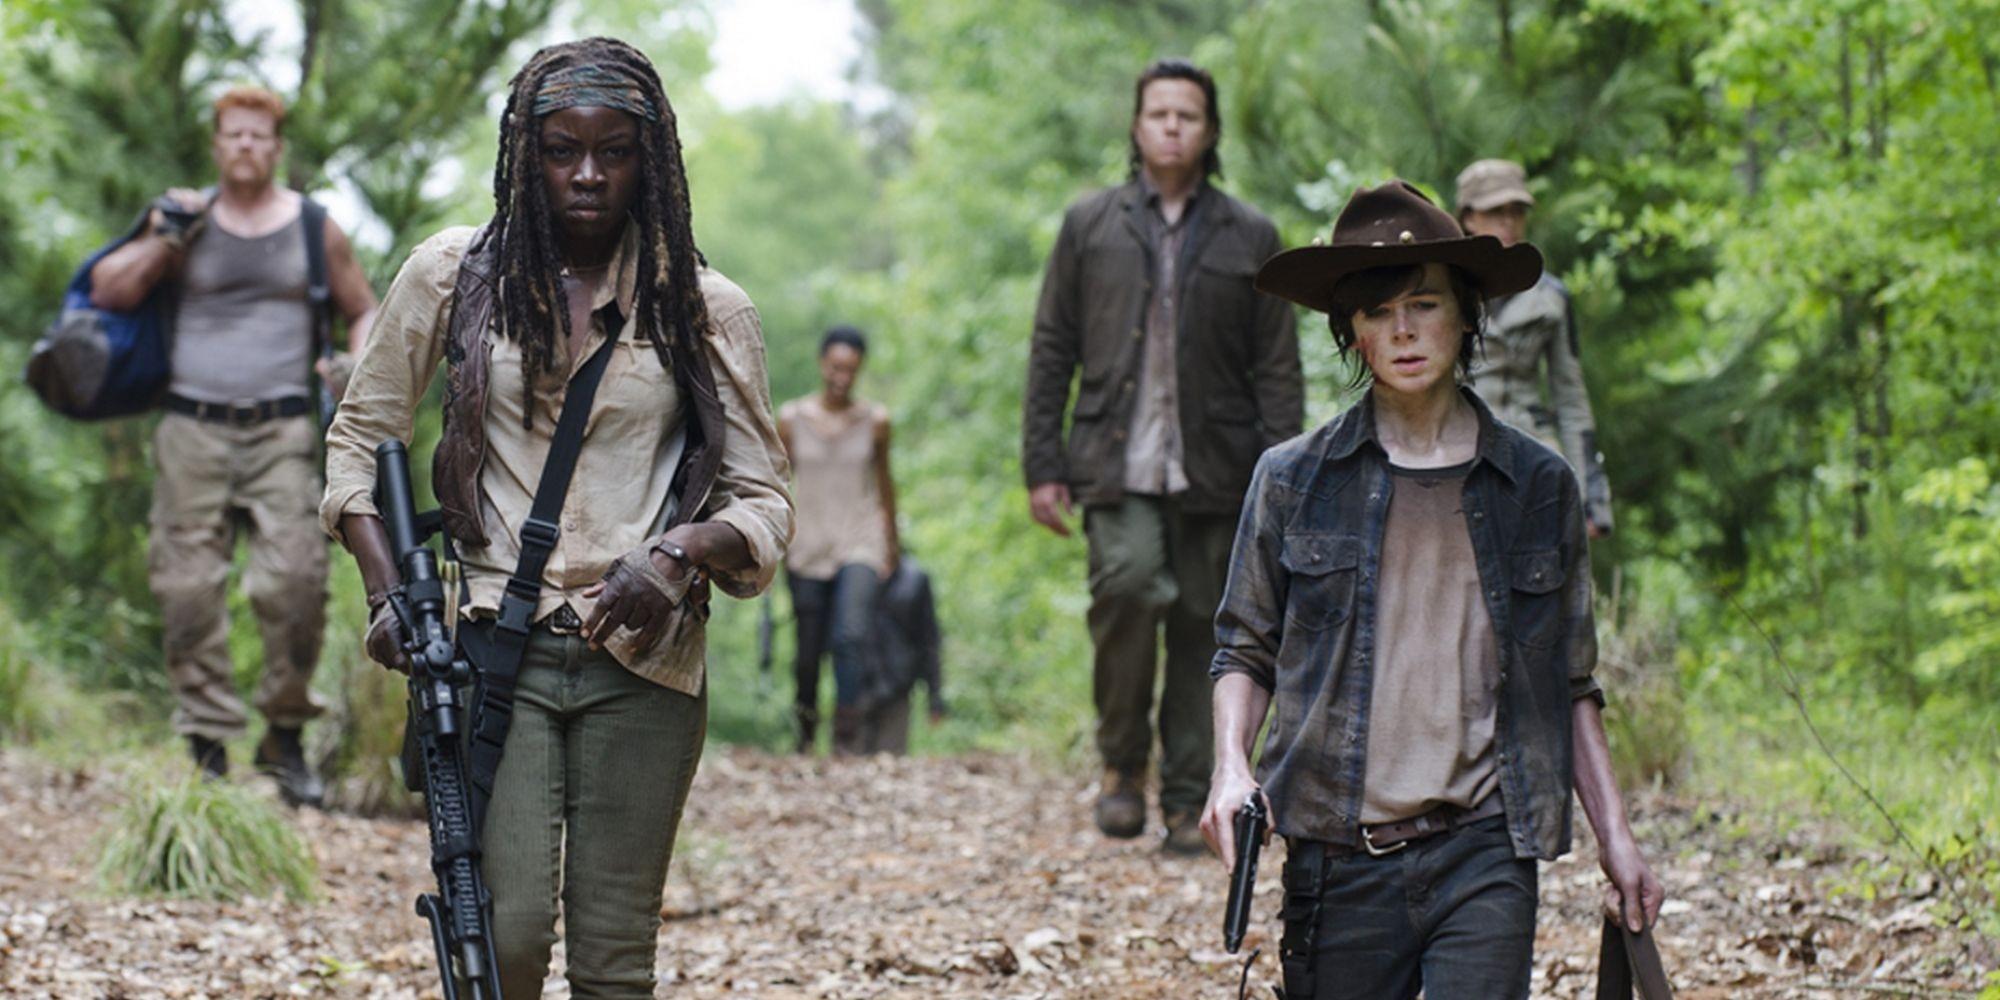 Michael Cudlitz as Abraham, Danai Gurira as Michonne, Josh McDermitt as Eugene and Chandler Riggs as Carl in The Walking Dead